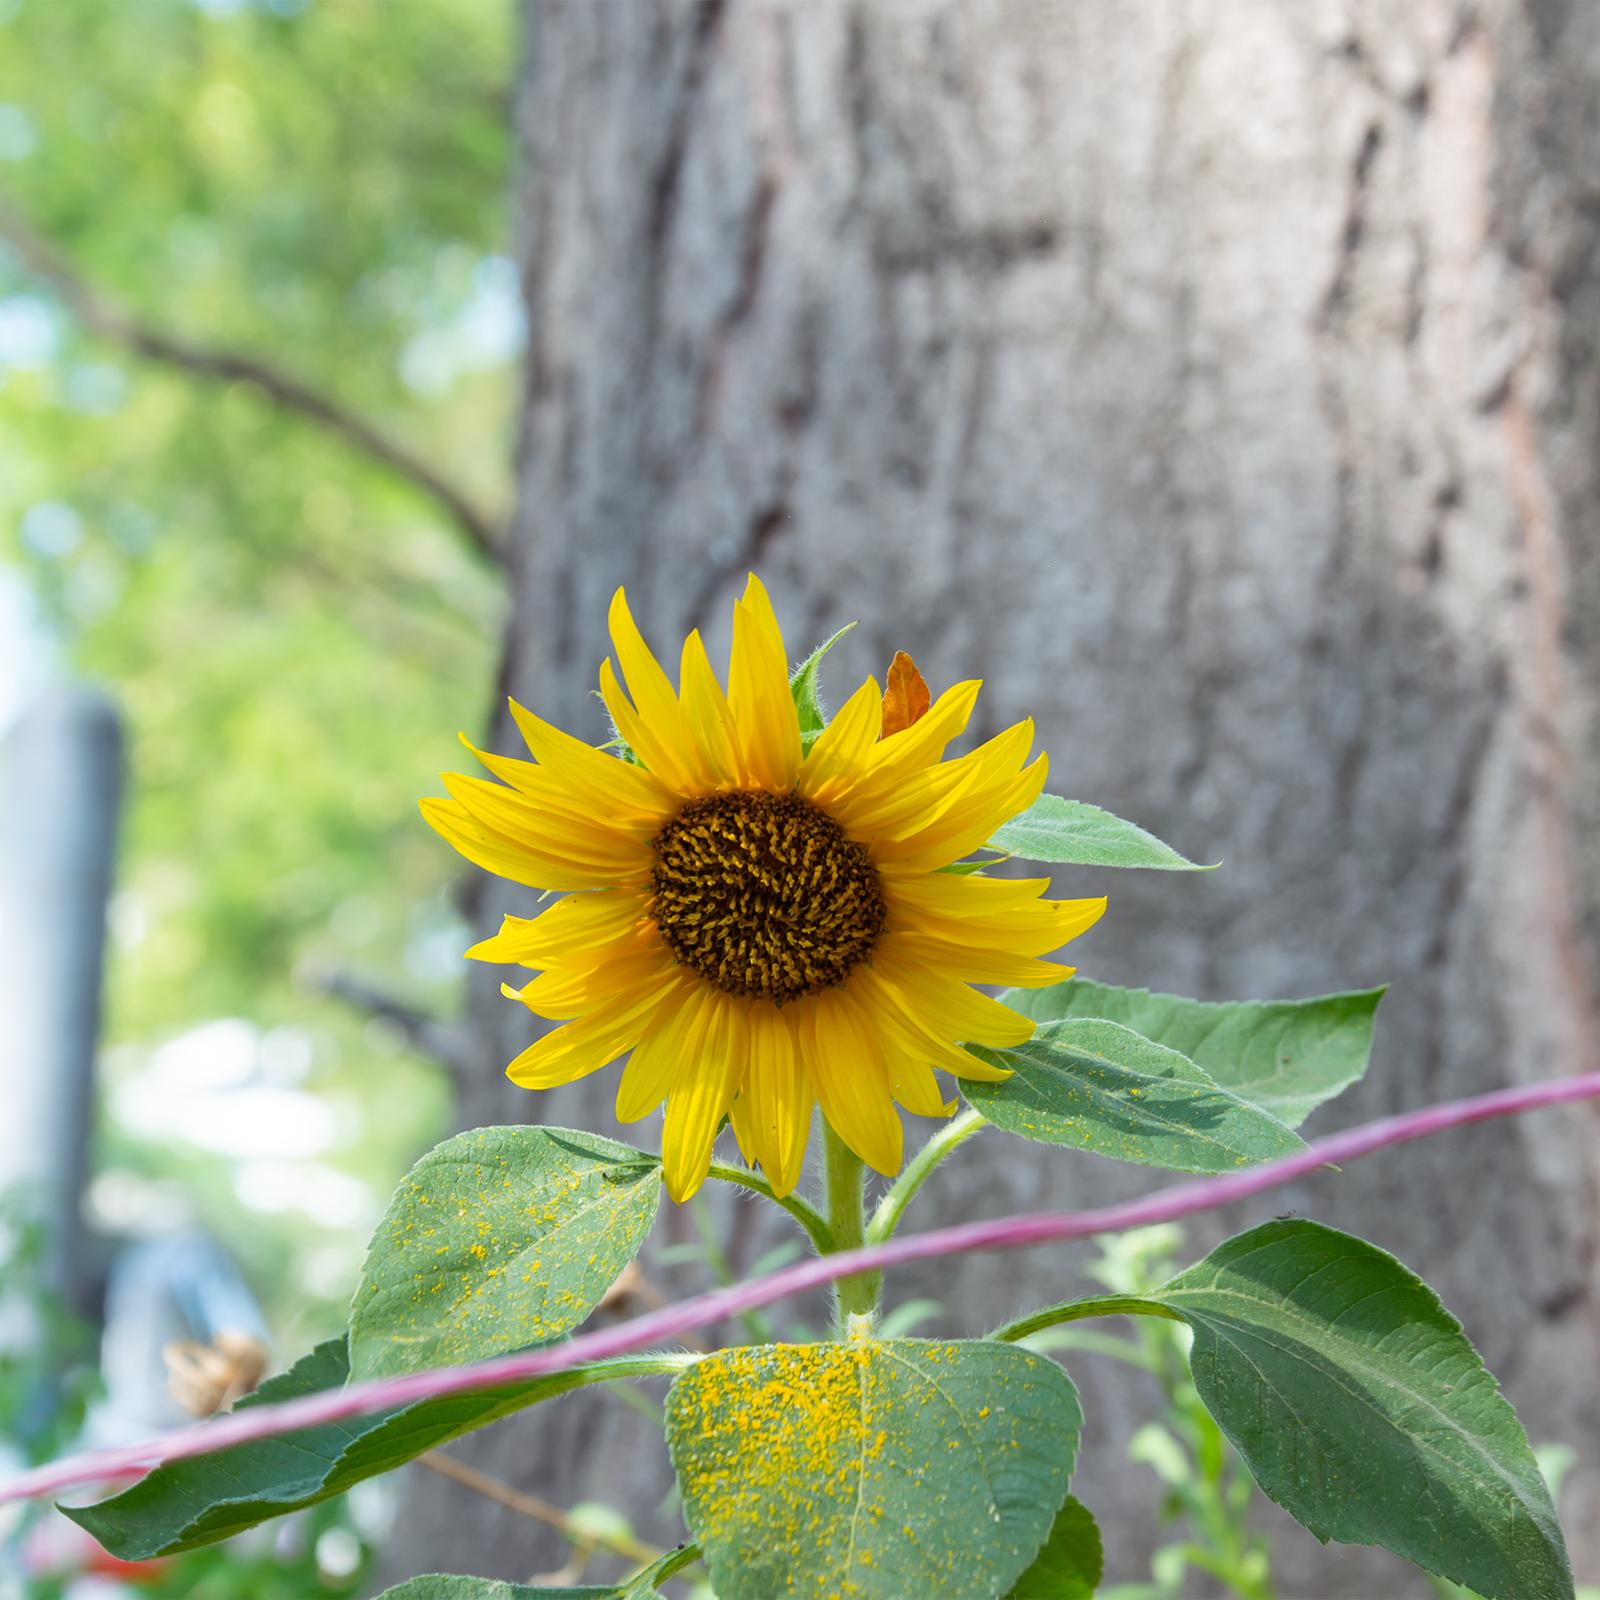 Sonnenblume; Baum; Straßenrand; Nachhaltigkeit; Relevanz Nachhaltigkeit